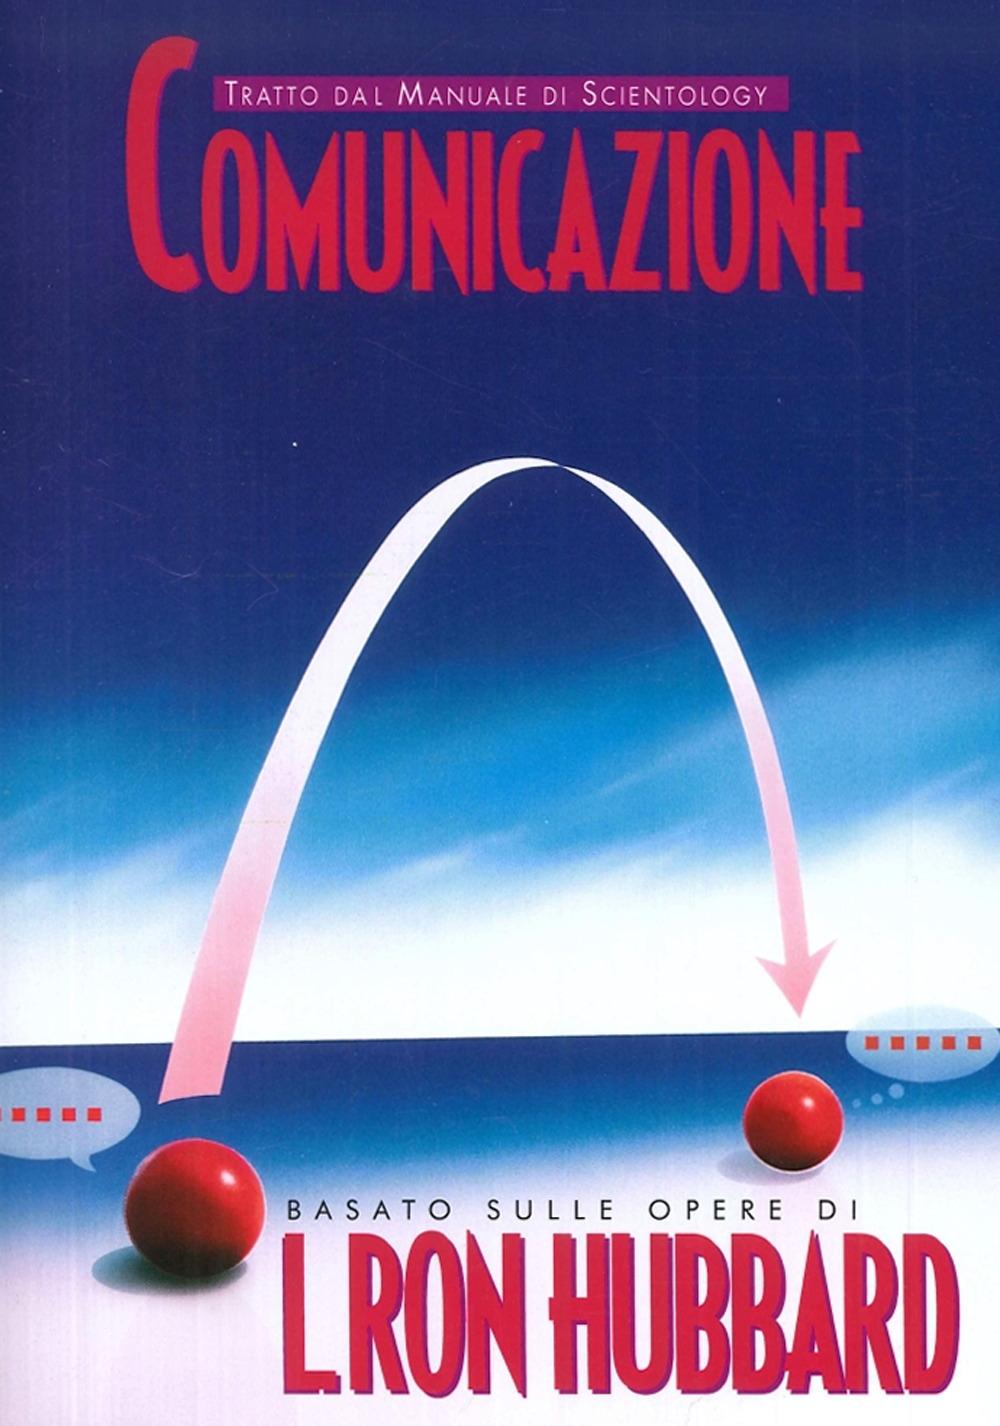 Comunicazione. Tratto dal Manuale di Scientology.